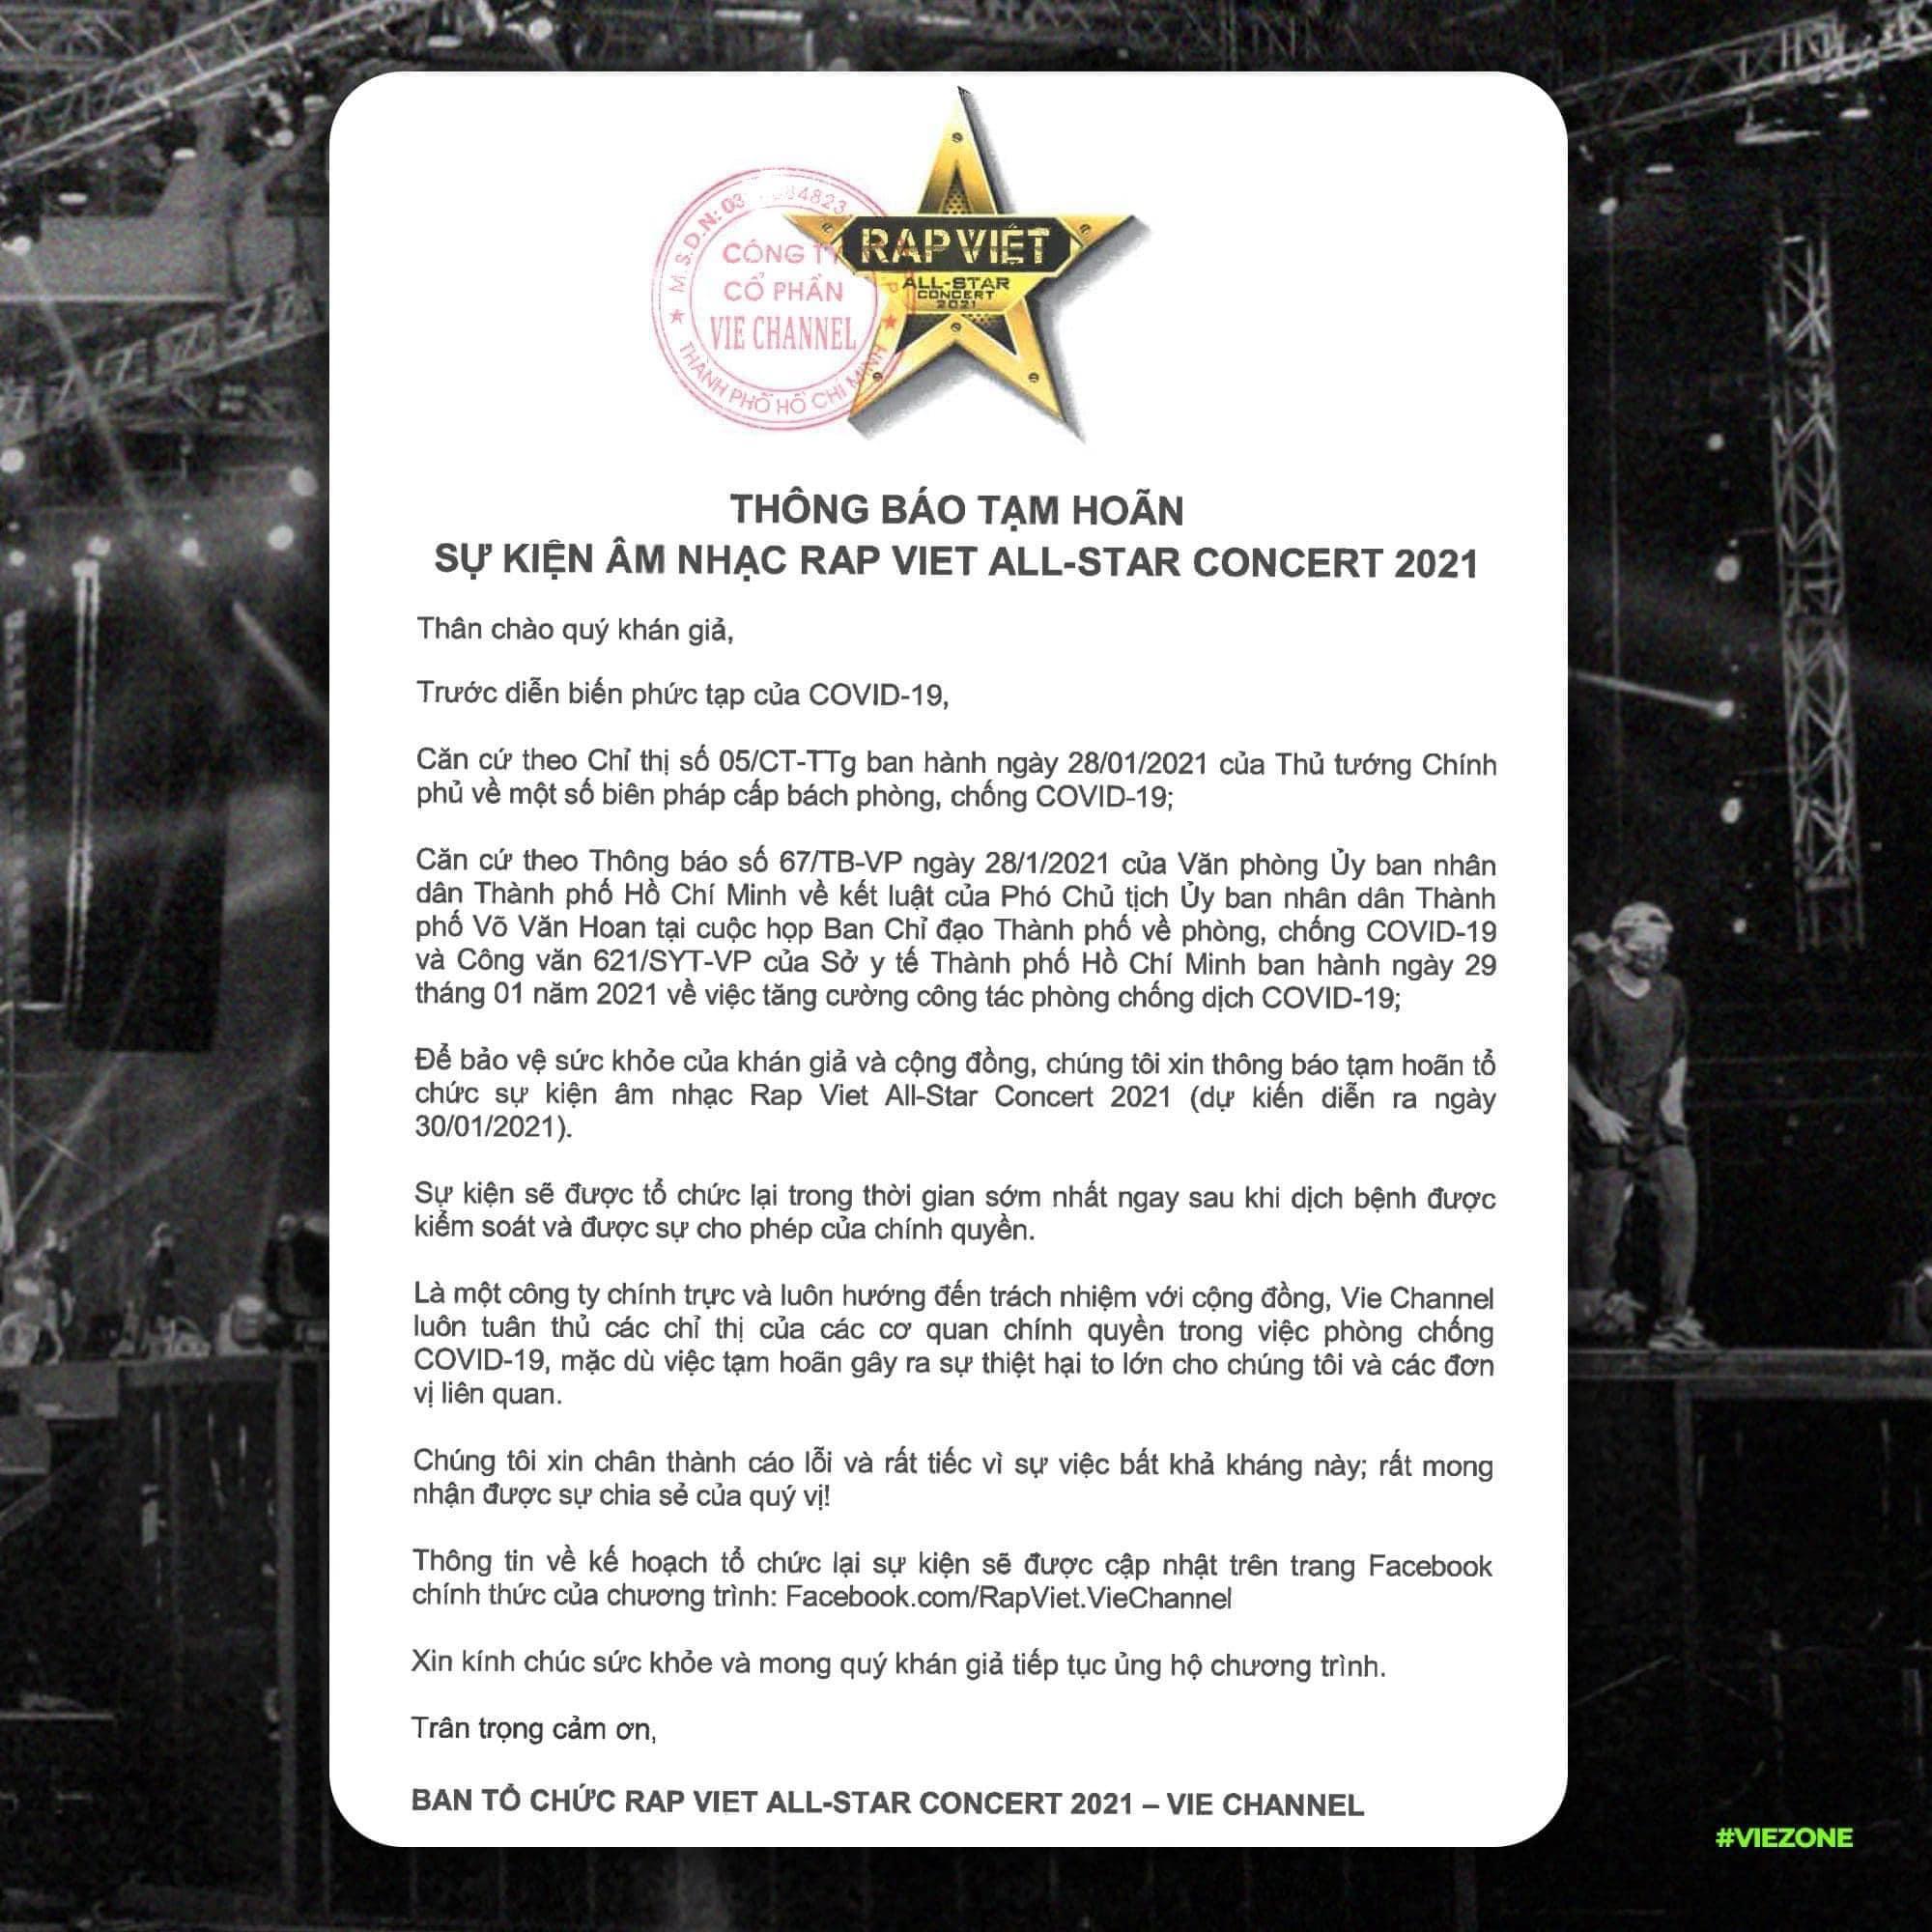 Thông báo tạm hoãn sự kiện âm nhạc RAP VIỆT ALL-STAR CONCERT 2021